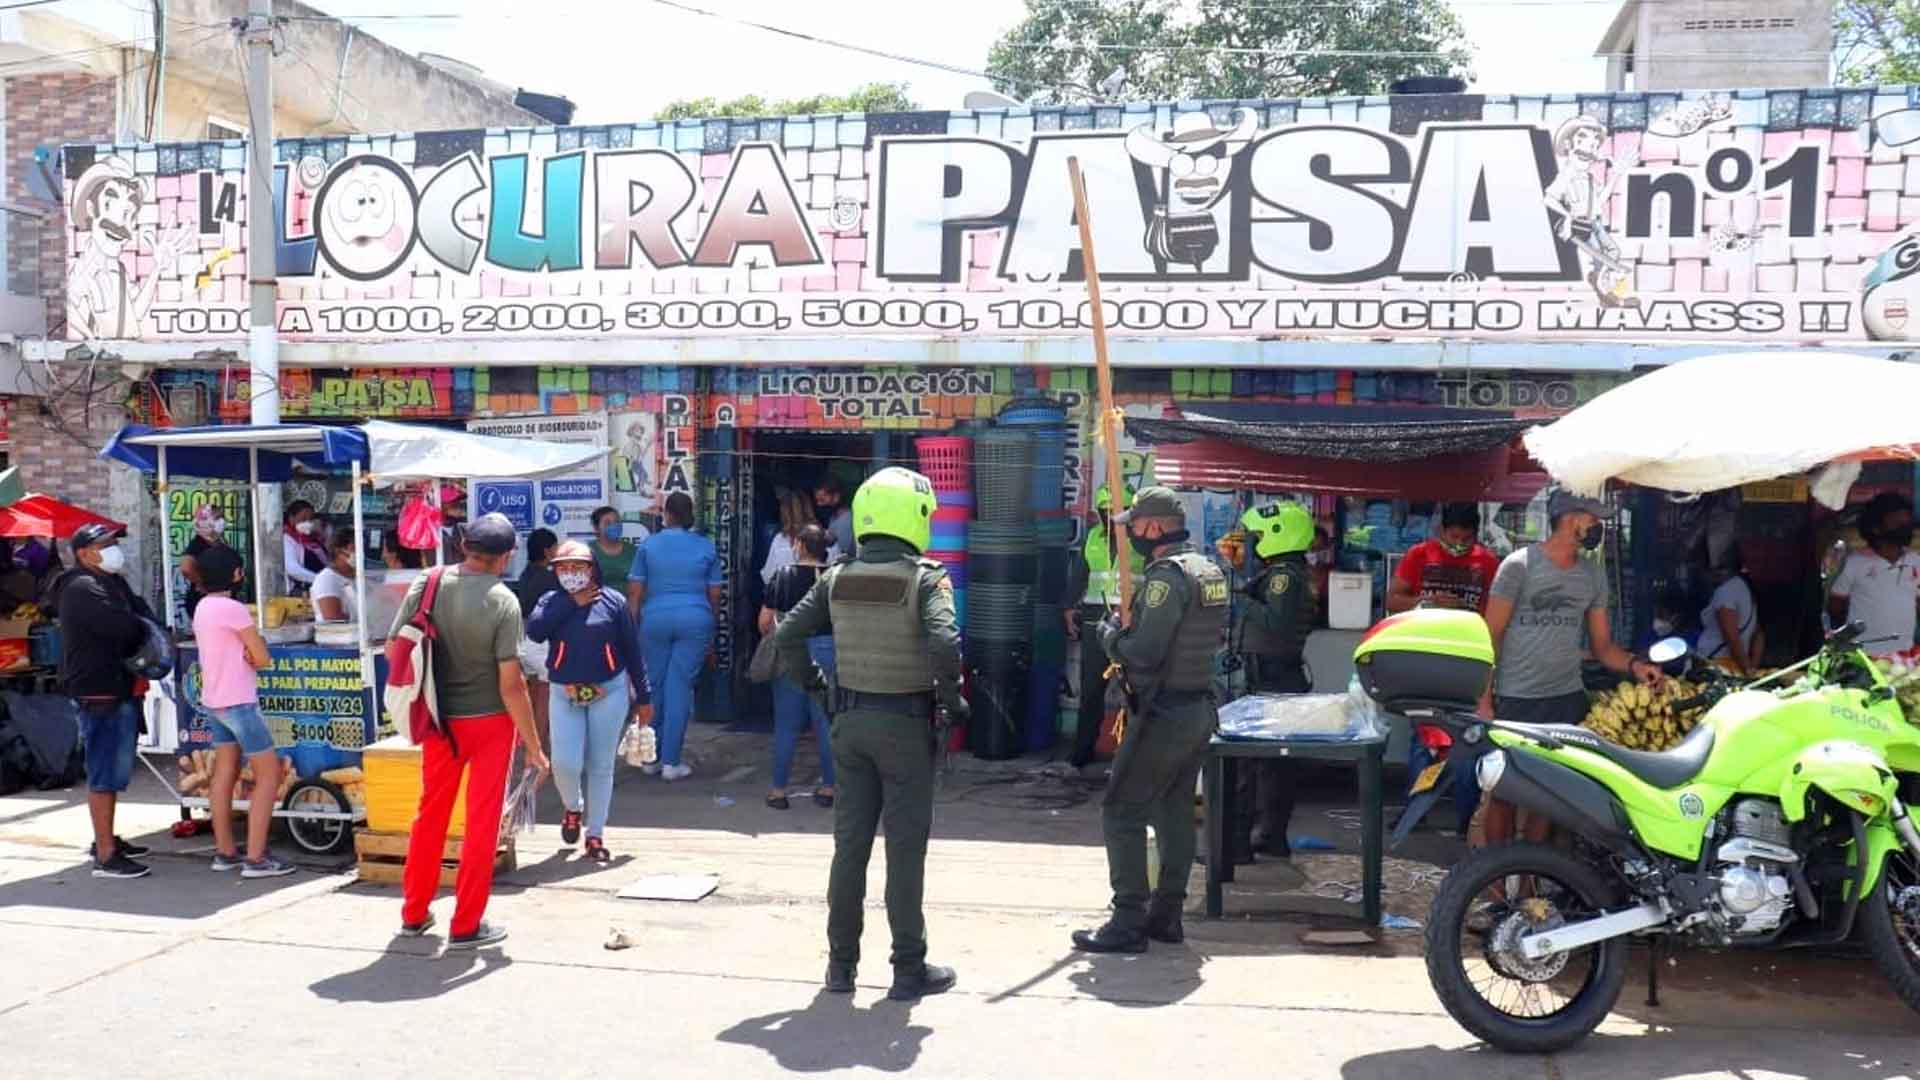 hoyennoticia.com, Riohacha sigue con Toque de Queda y Ley Seca hasta el ocho de junio